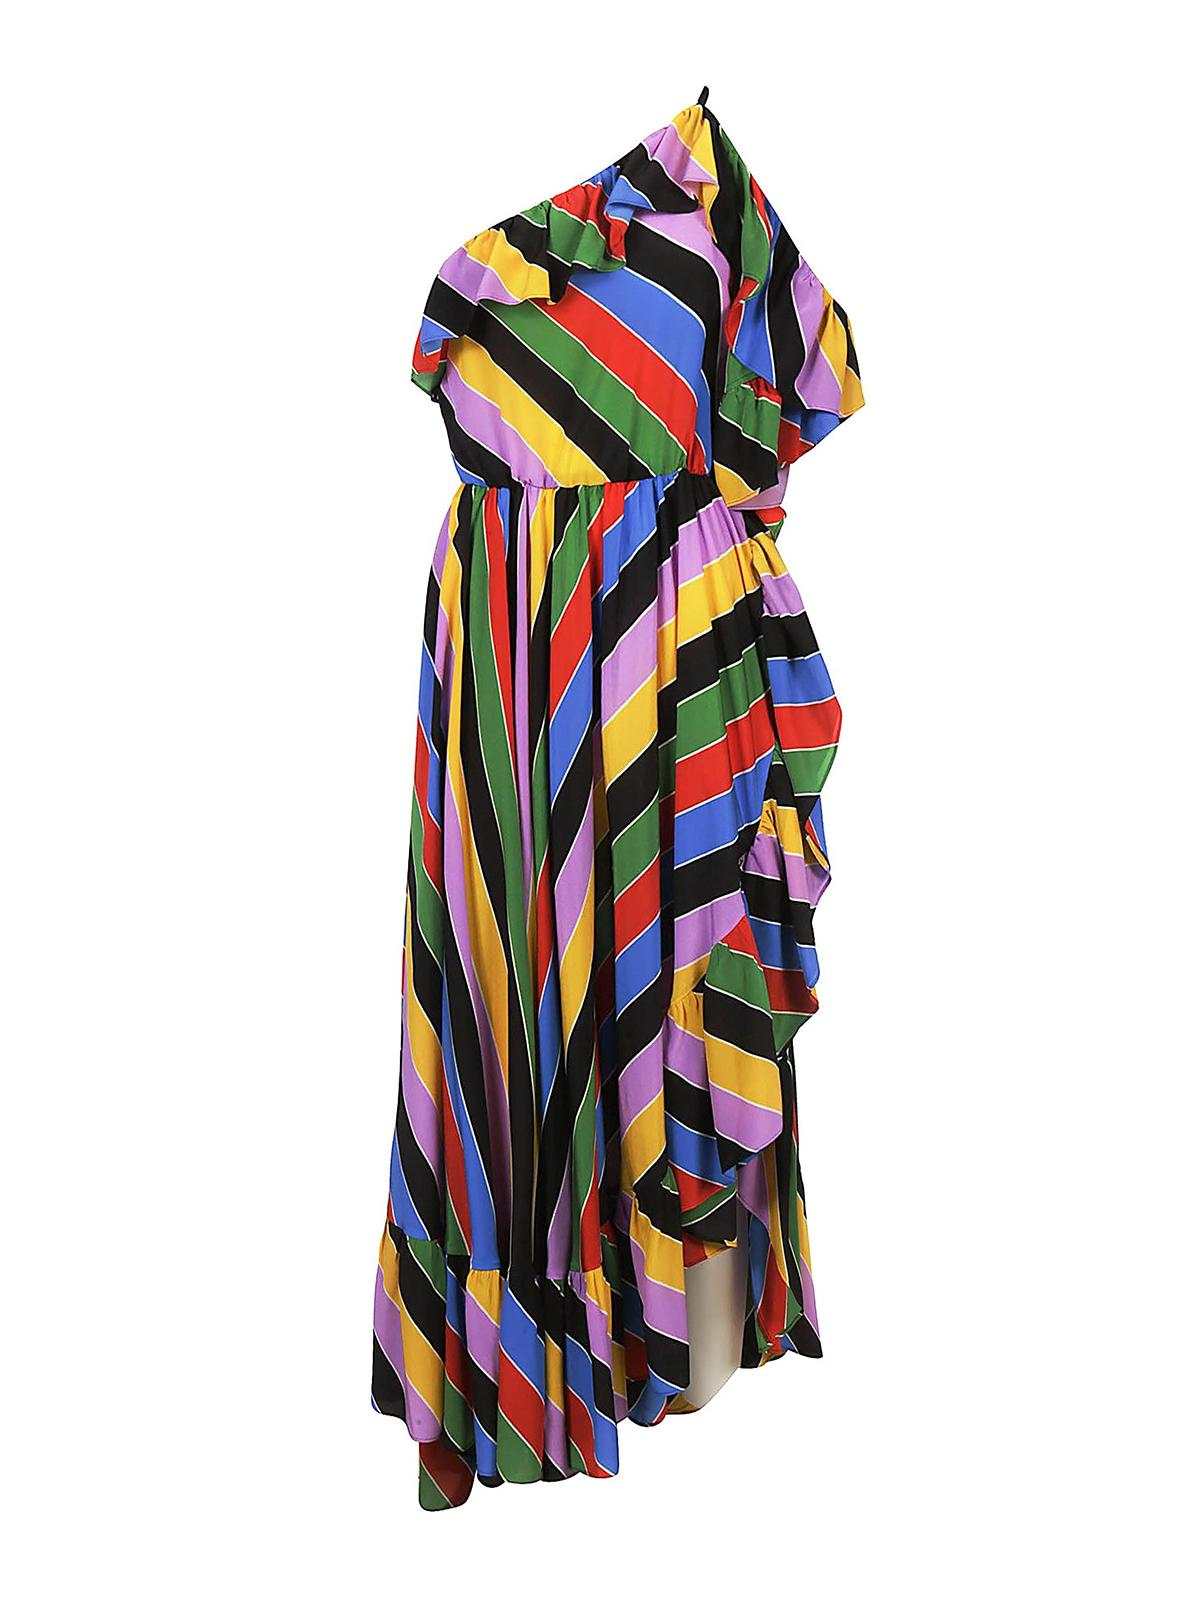 bb7550e54bd5 Philosophy di Lorenzo Serafini  abiti lunghi - Abito in seta a righe  colorate